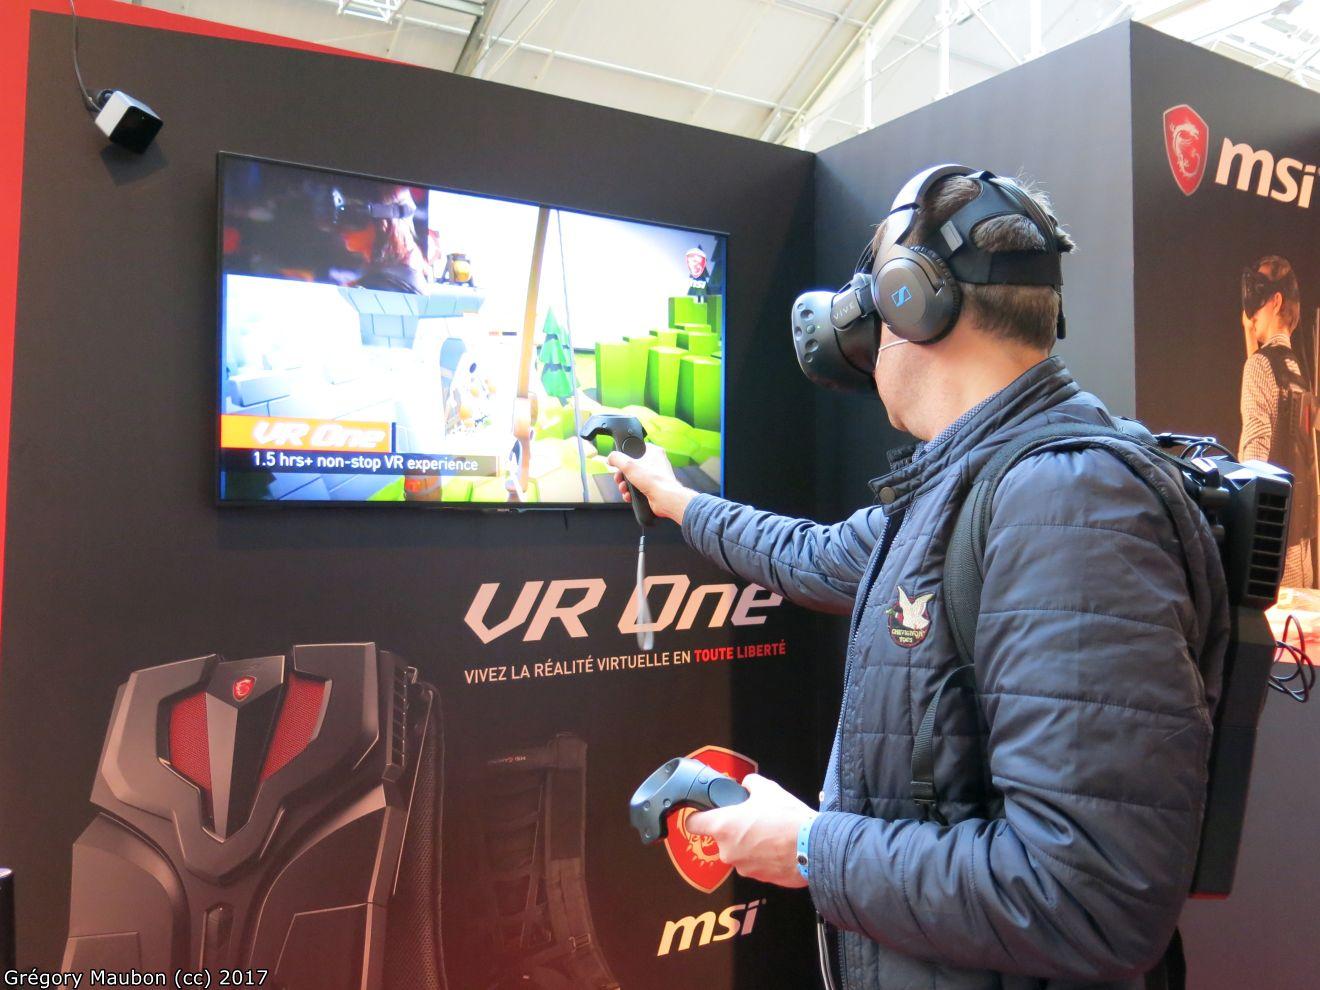 Virtuality, la réalité virtuelle en plein boom !